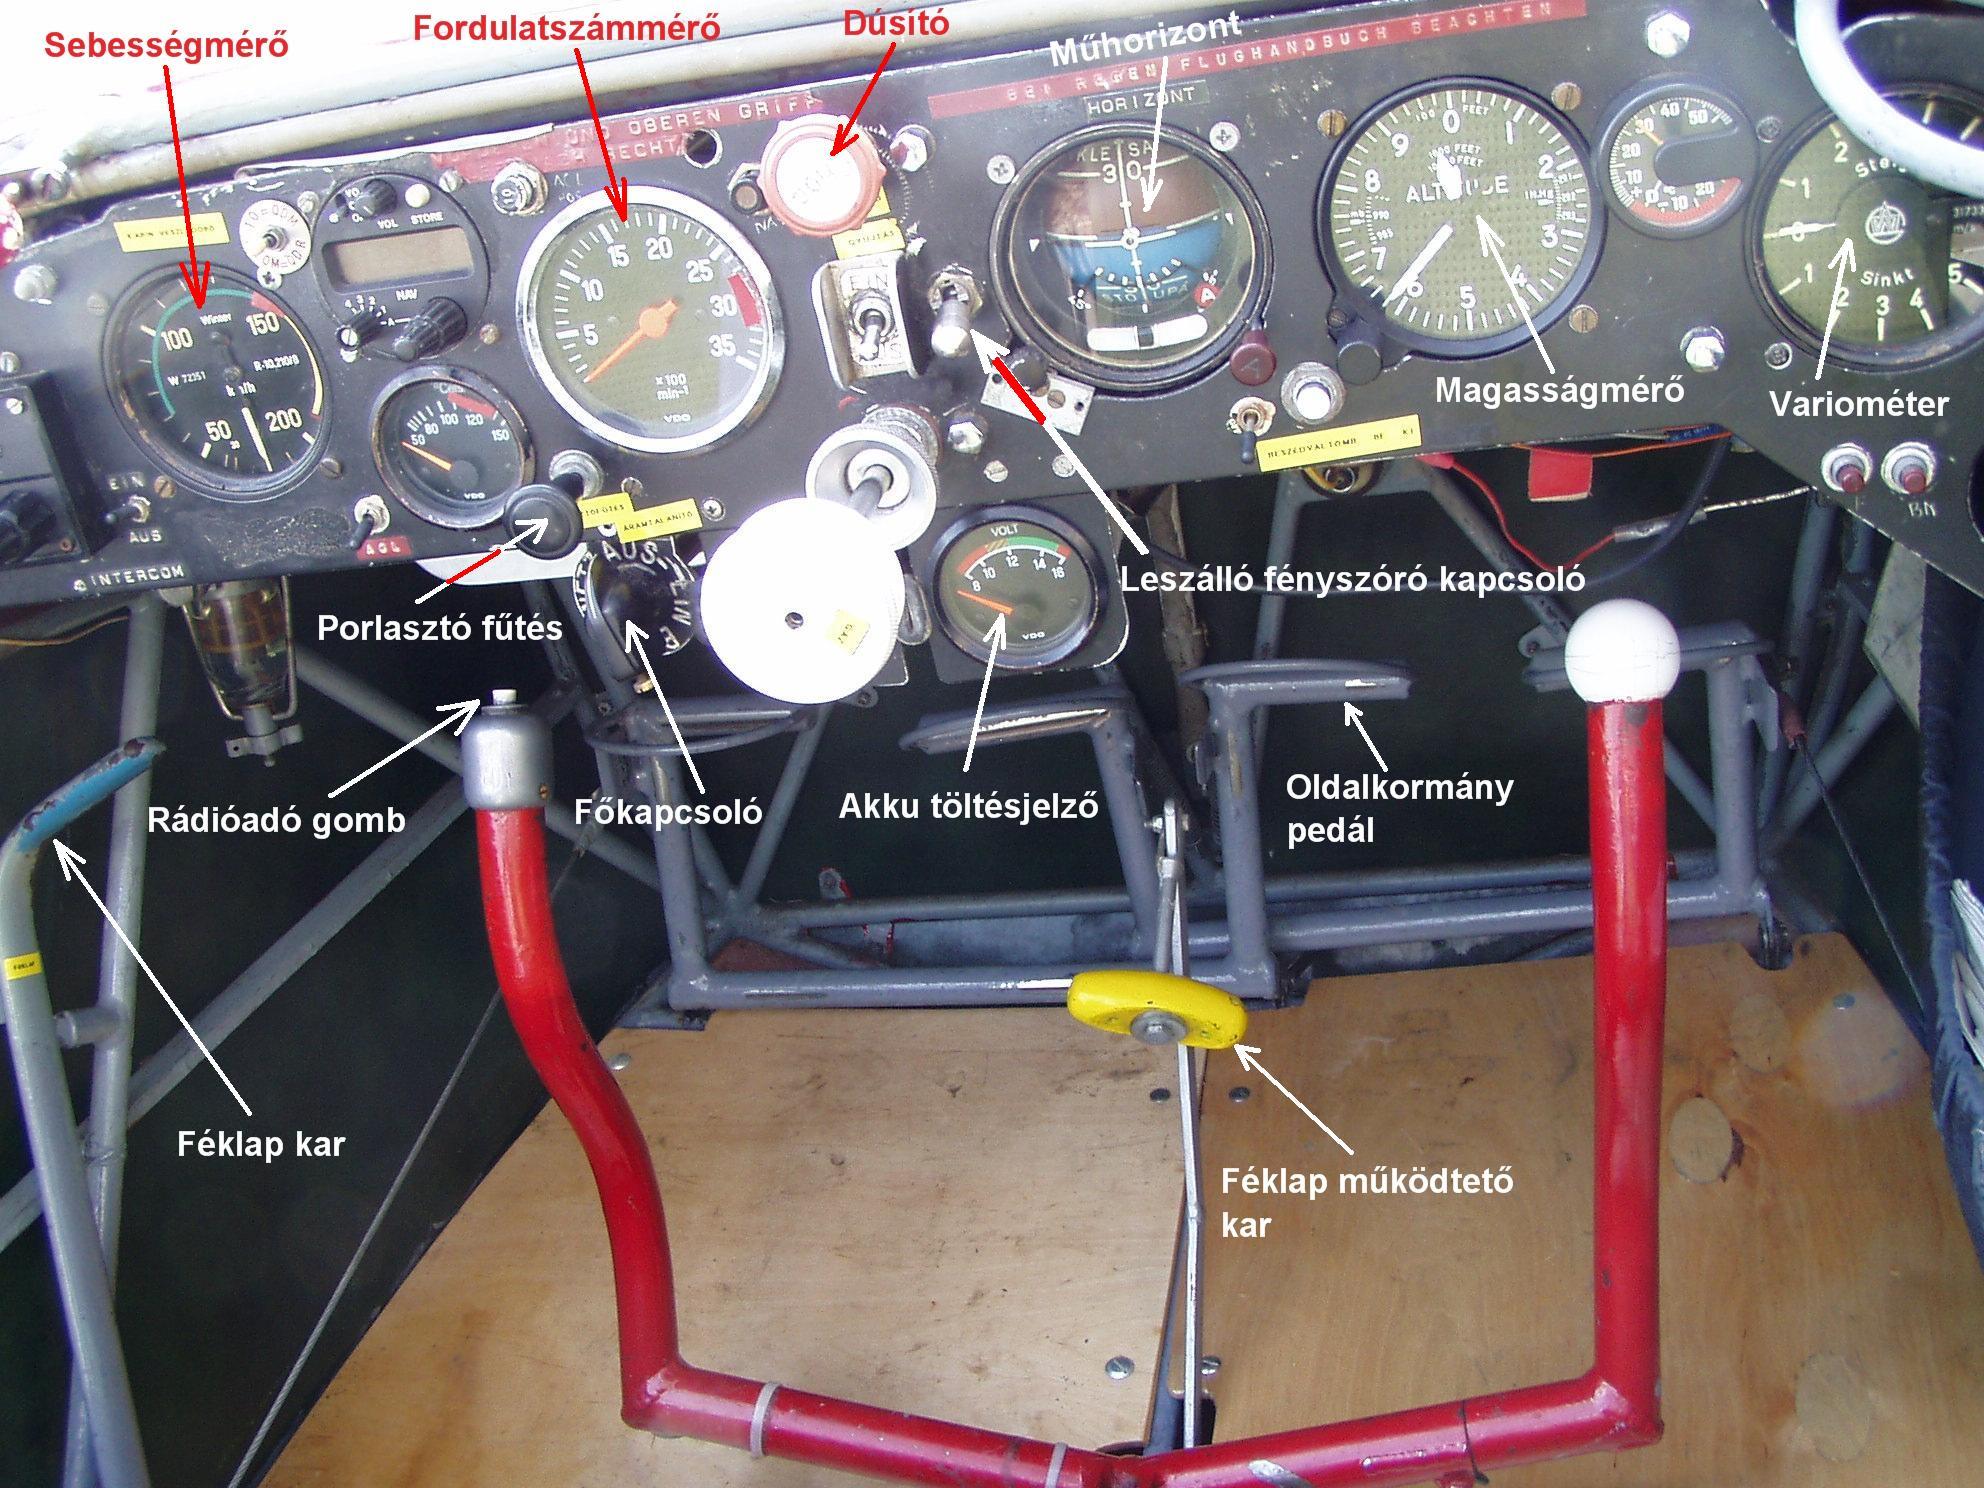 SF 25 falke kabin közép